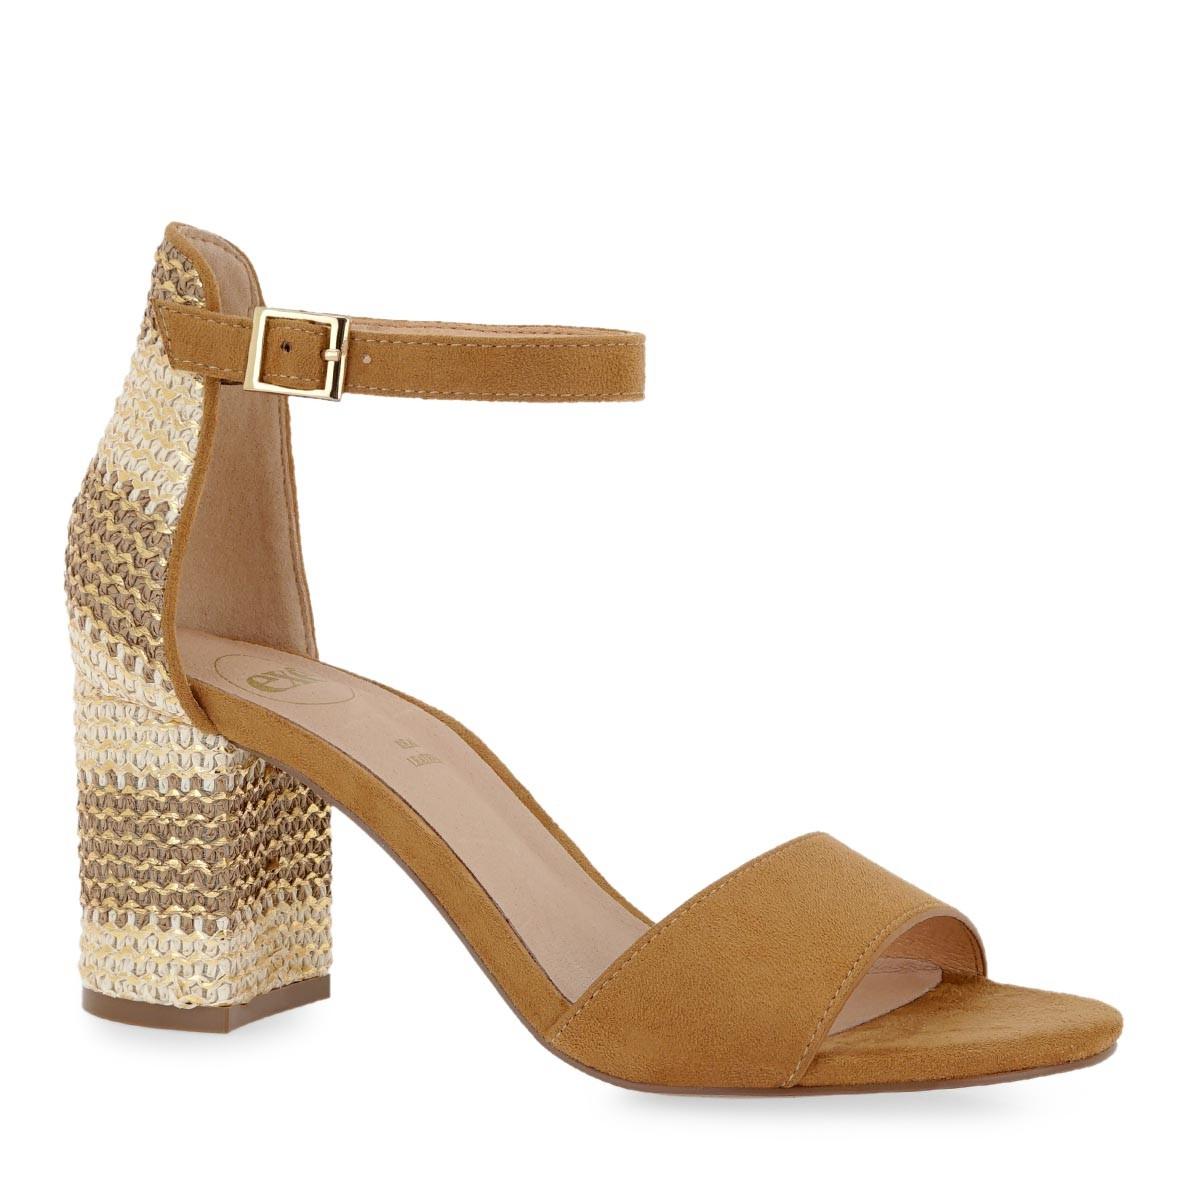 EXE Shoes Πέδιλα Γυναικεία ADELLE-622 Ταμπά Καστόρι K47006224534